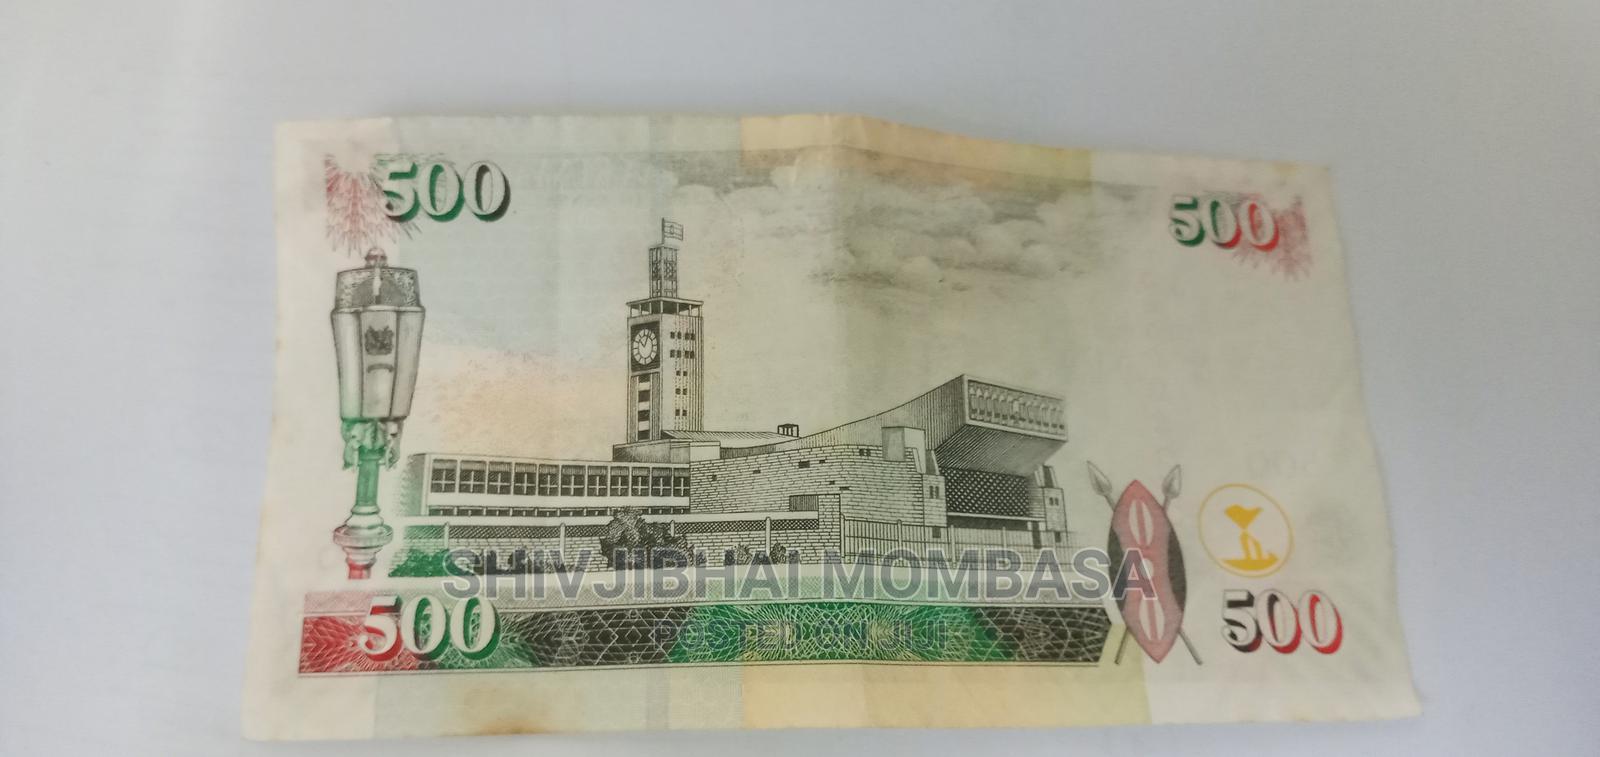 Unik 500 Kenya Shilling Number Note | Arts & Crafts for sale in Ganjoni, Mombasa, Kenya